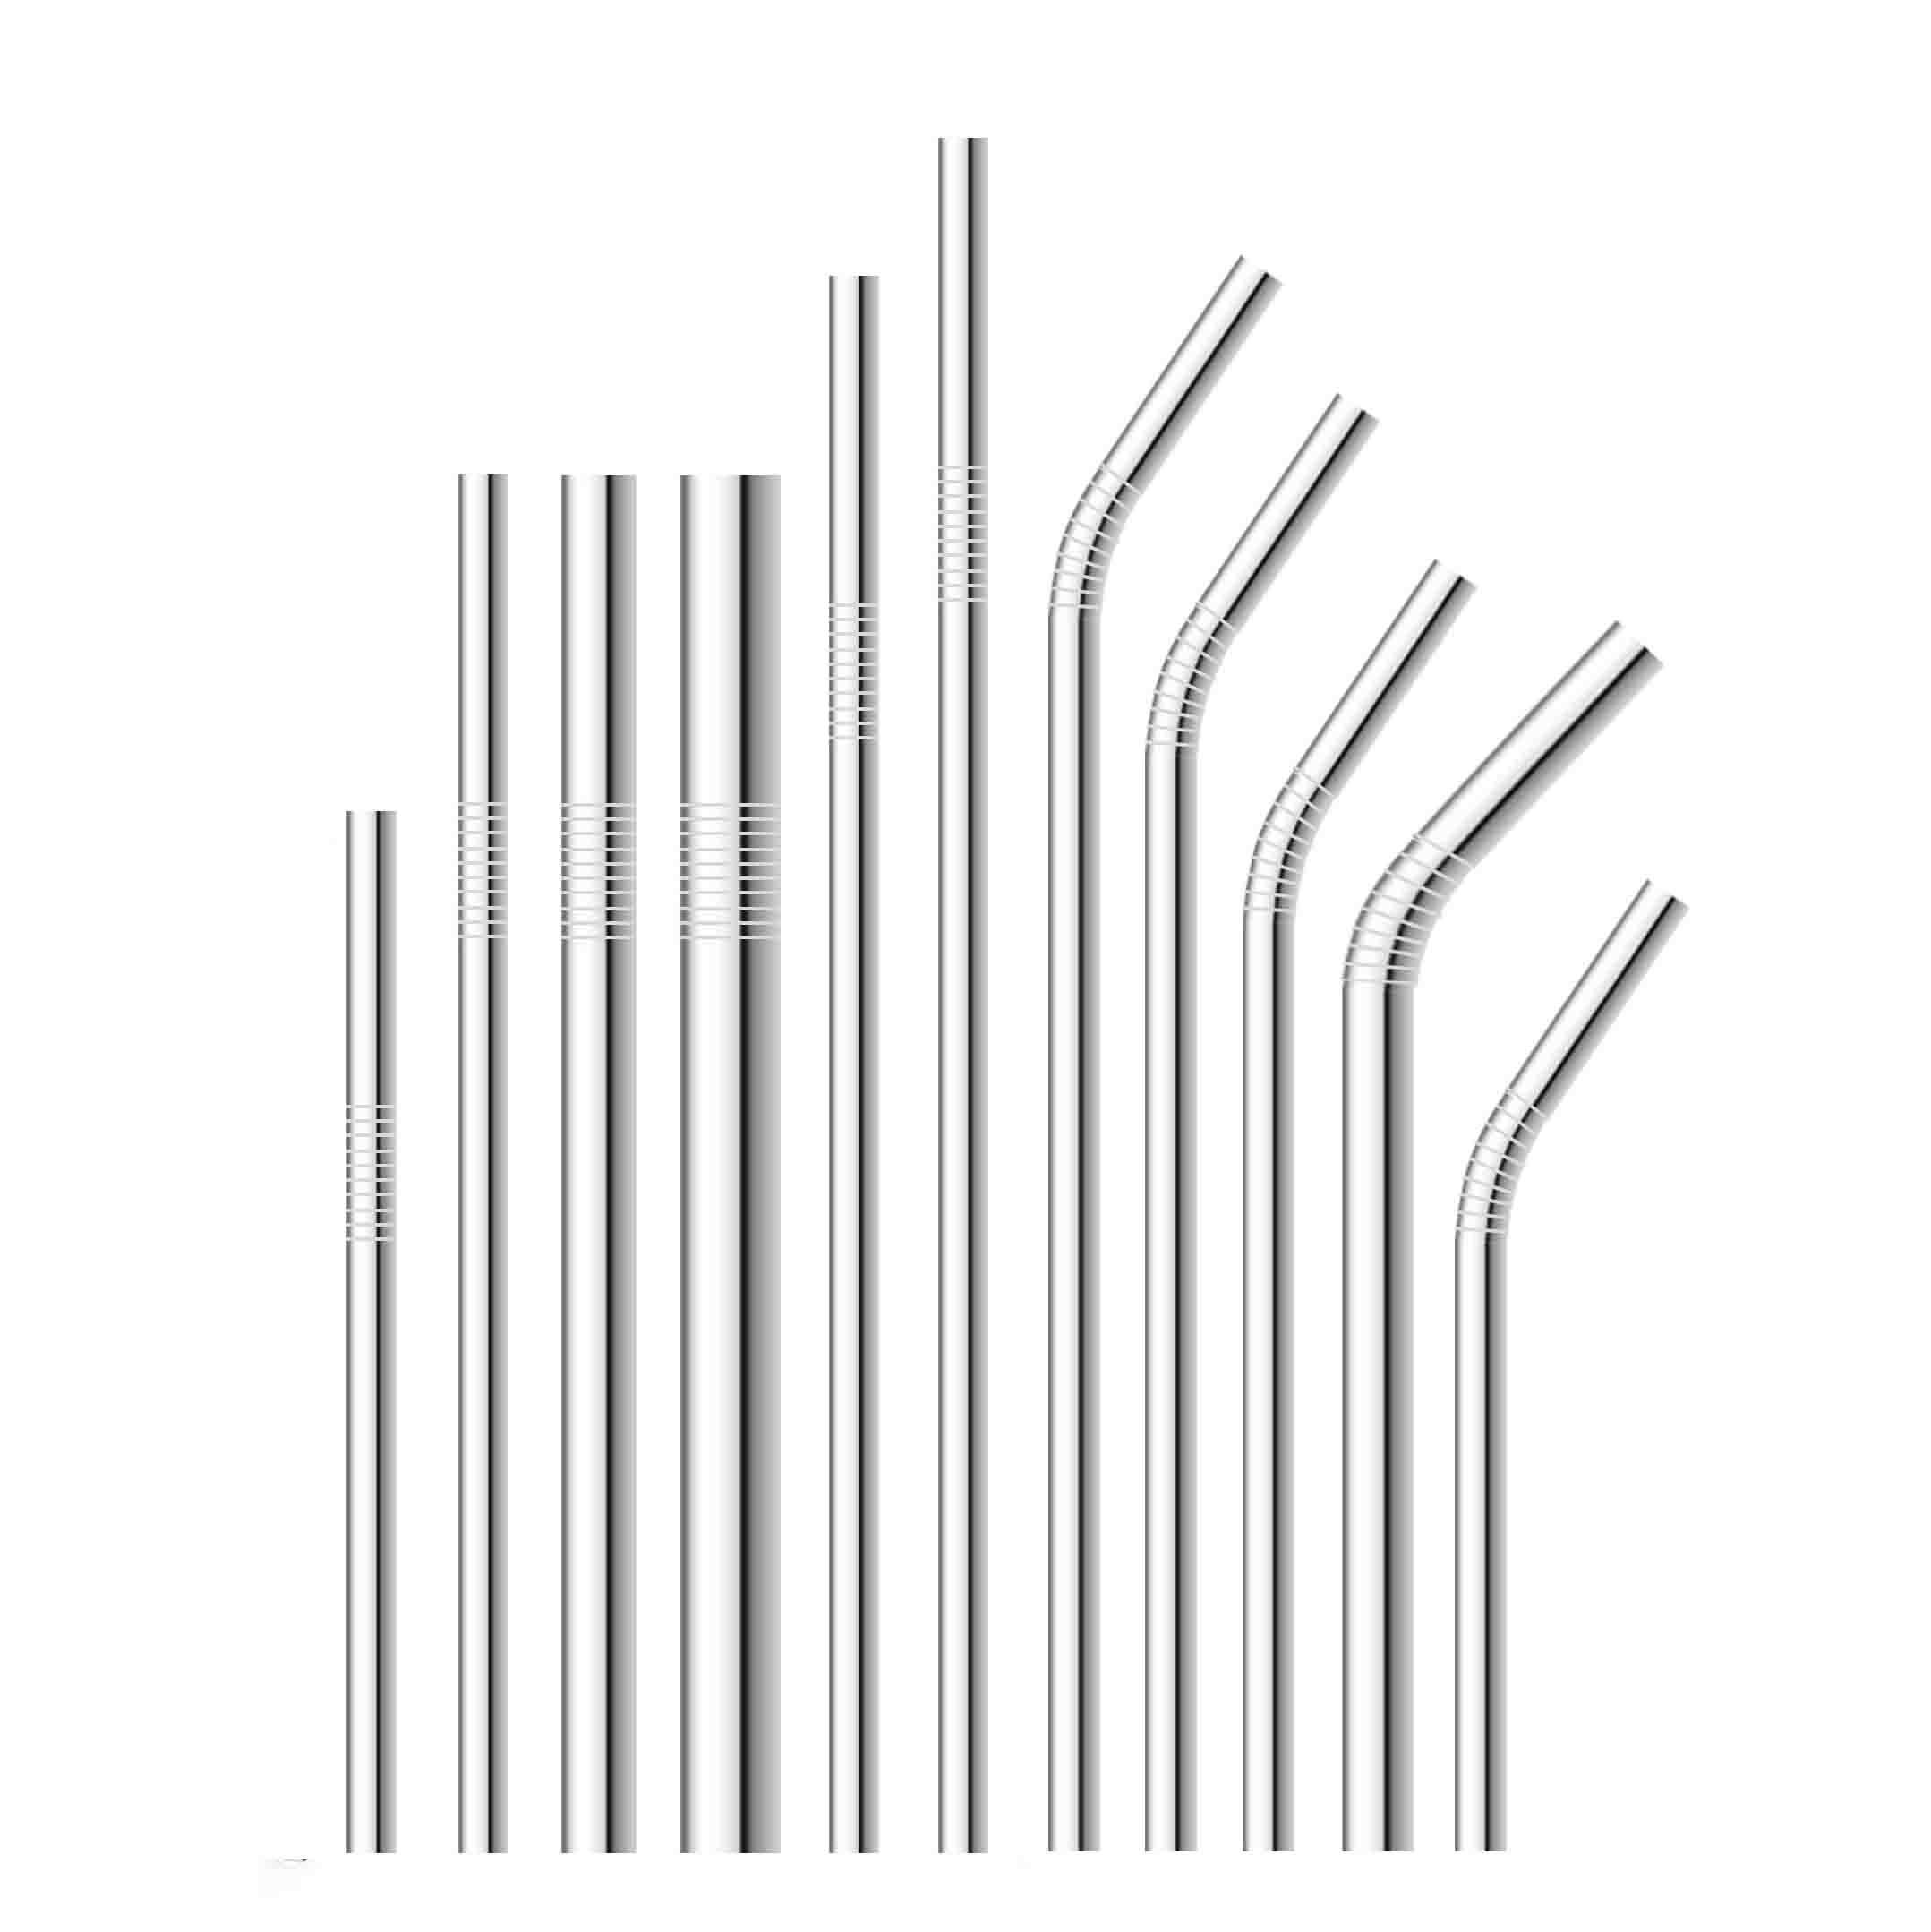 Más tamaño Barra de pajitas reutilizables Paja para beber con cepillo de limpieza Juego de pajitas de metal de acero inoxidable 304 ecológico de alta calidad para tazas